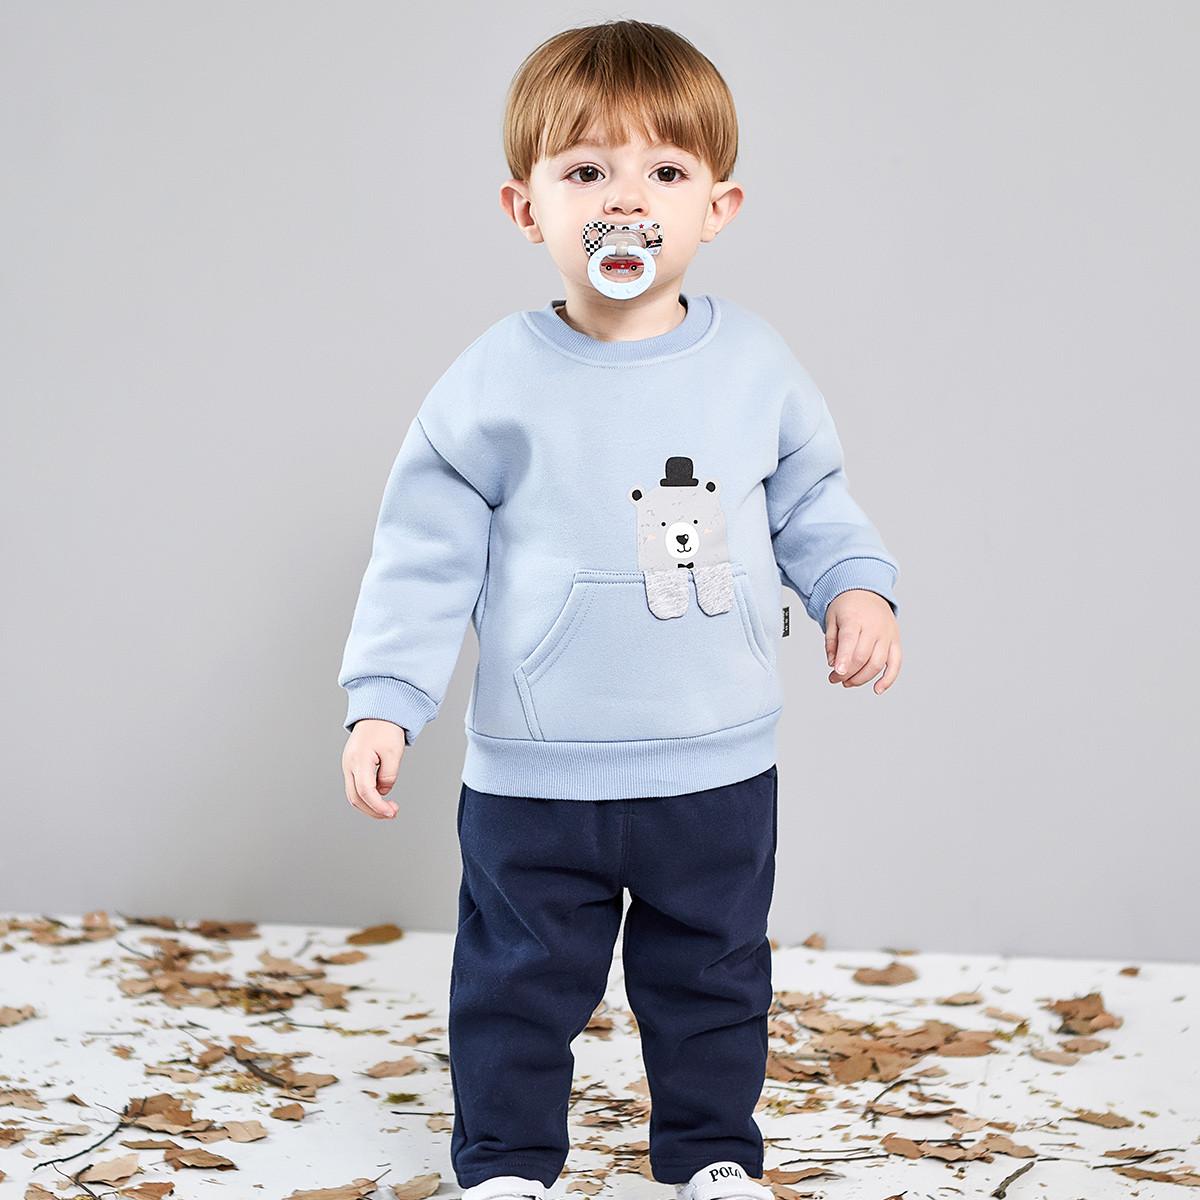 纤丝鸟纤丝鸟新款秋冬宝宝加绒卫衣套装保暖两件套外出婴儿套装THY186115662